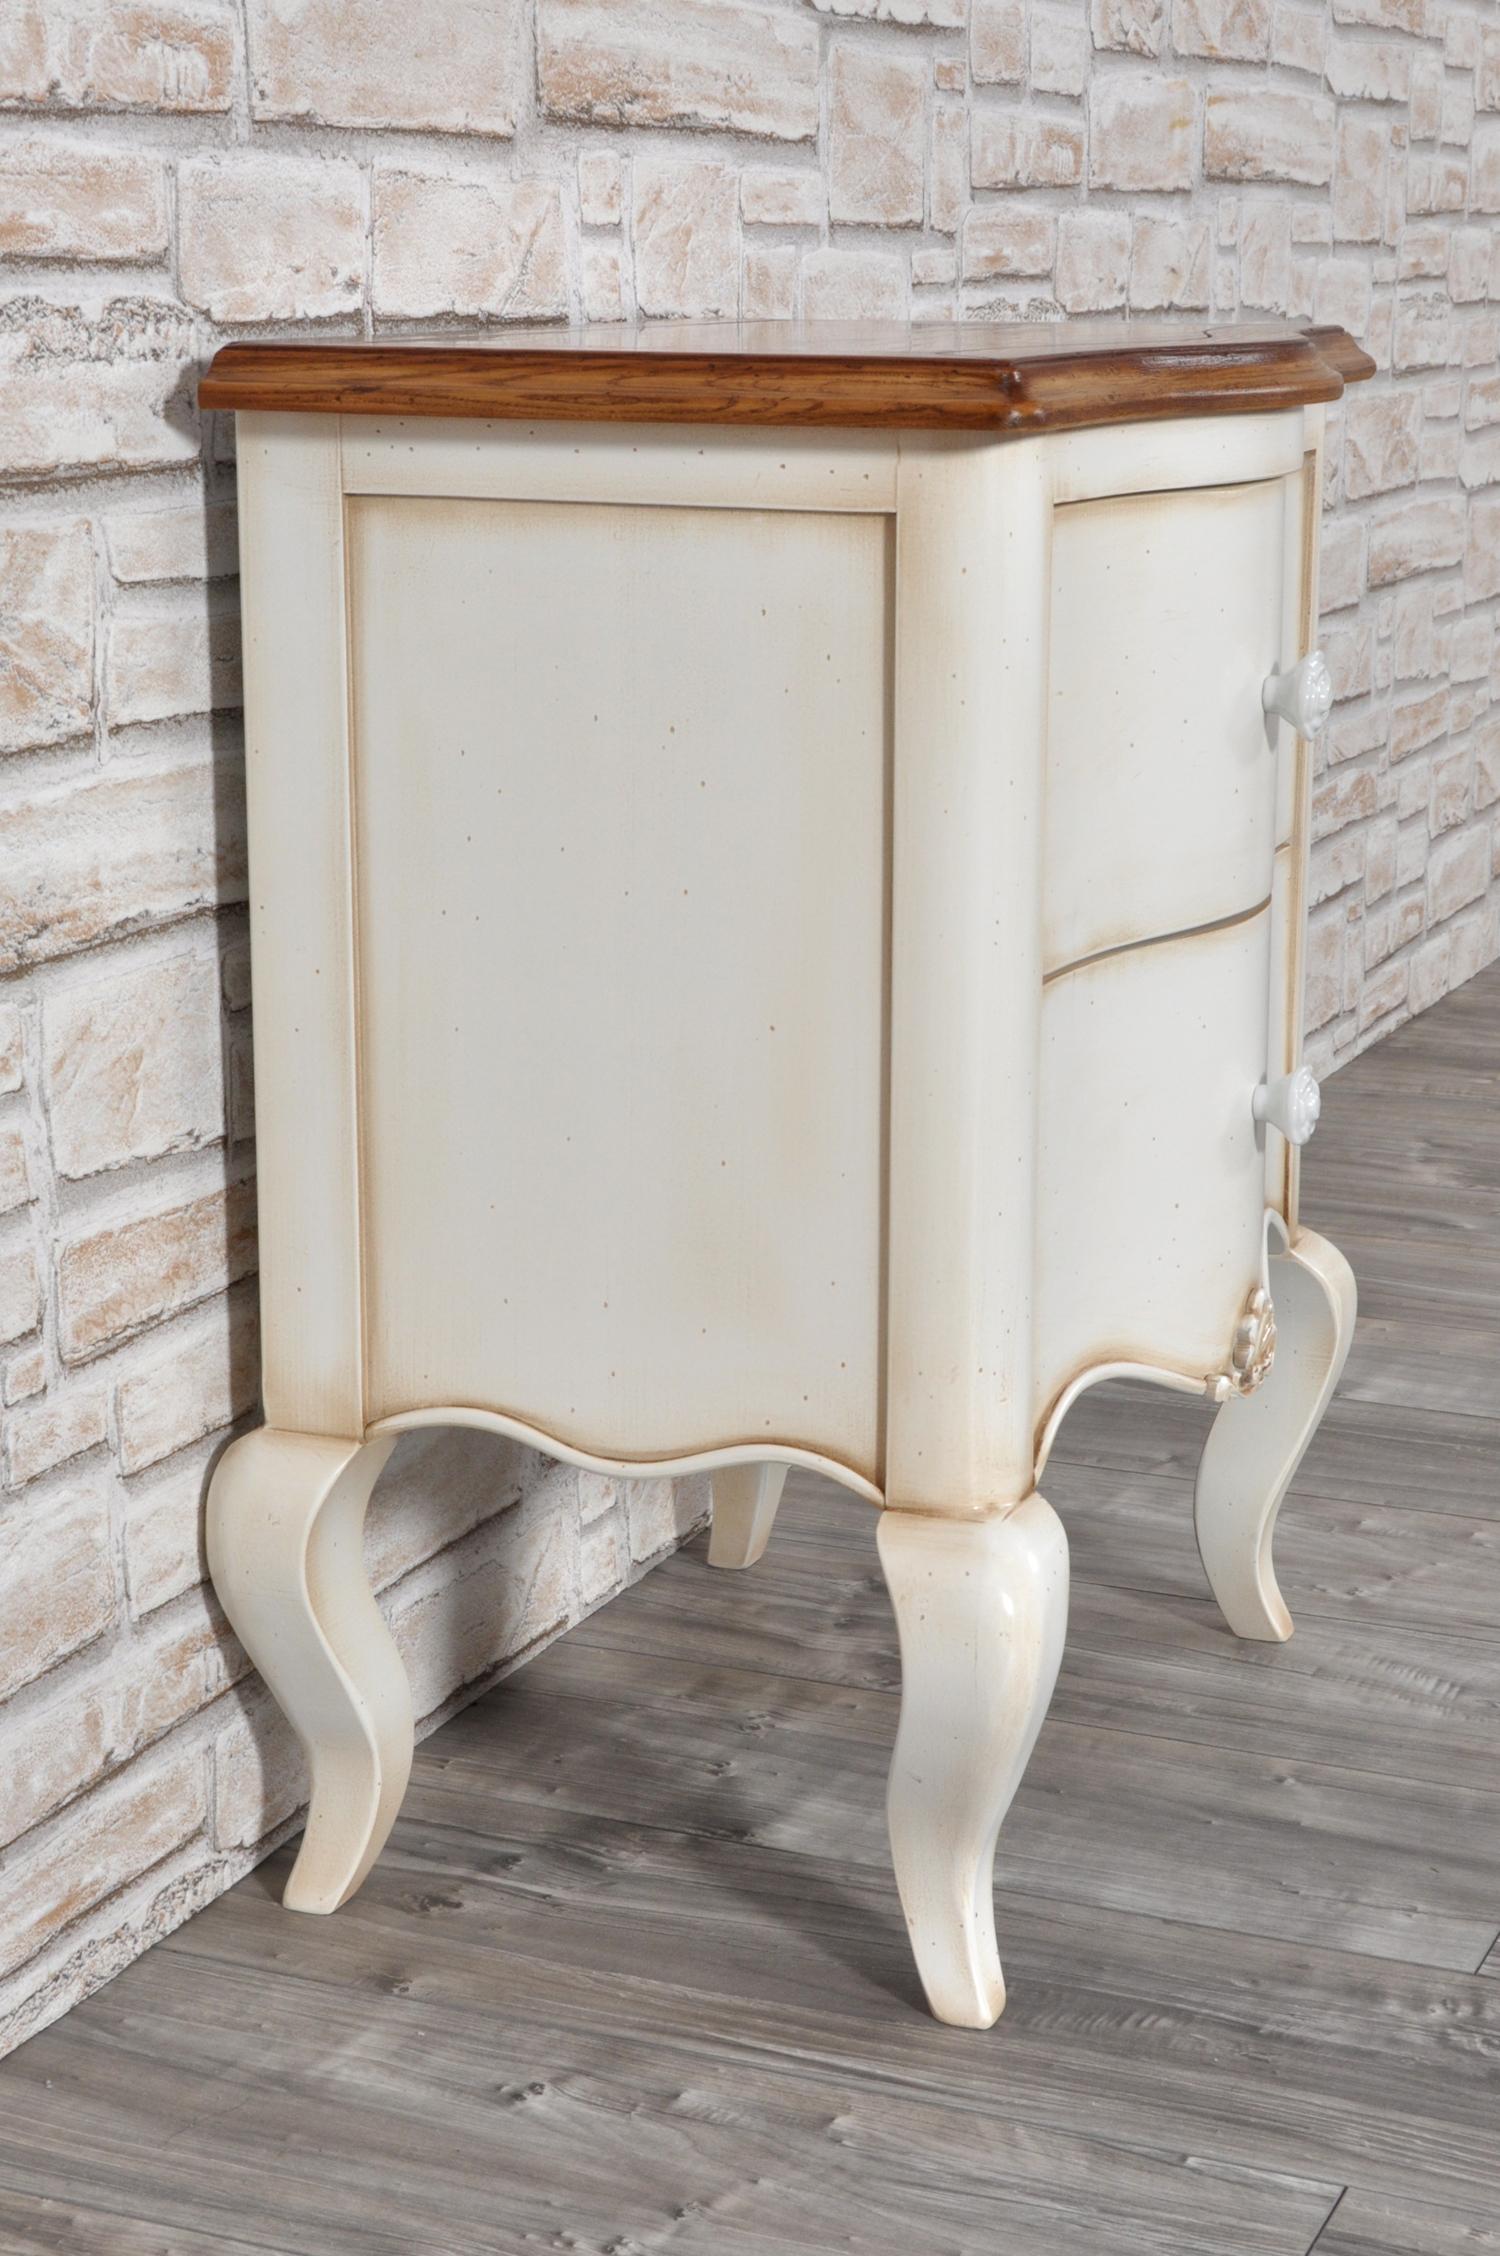 Elegante comodino sagomato in stile classico provenzale mobili vangelista - Dipingere mobili legno stile provenzale ...